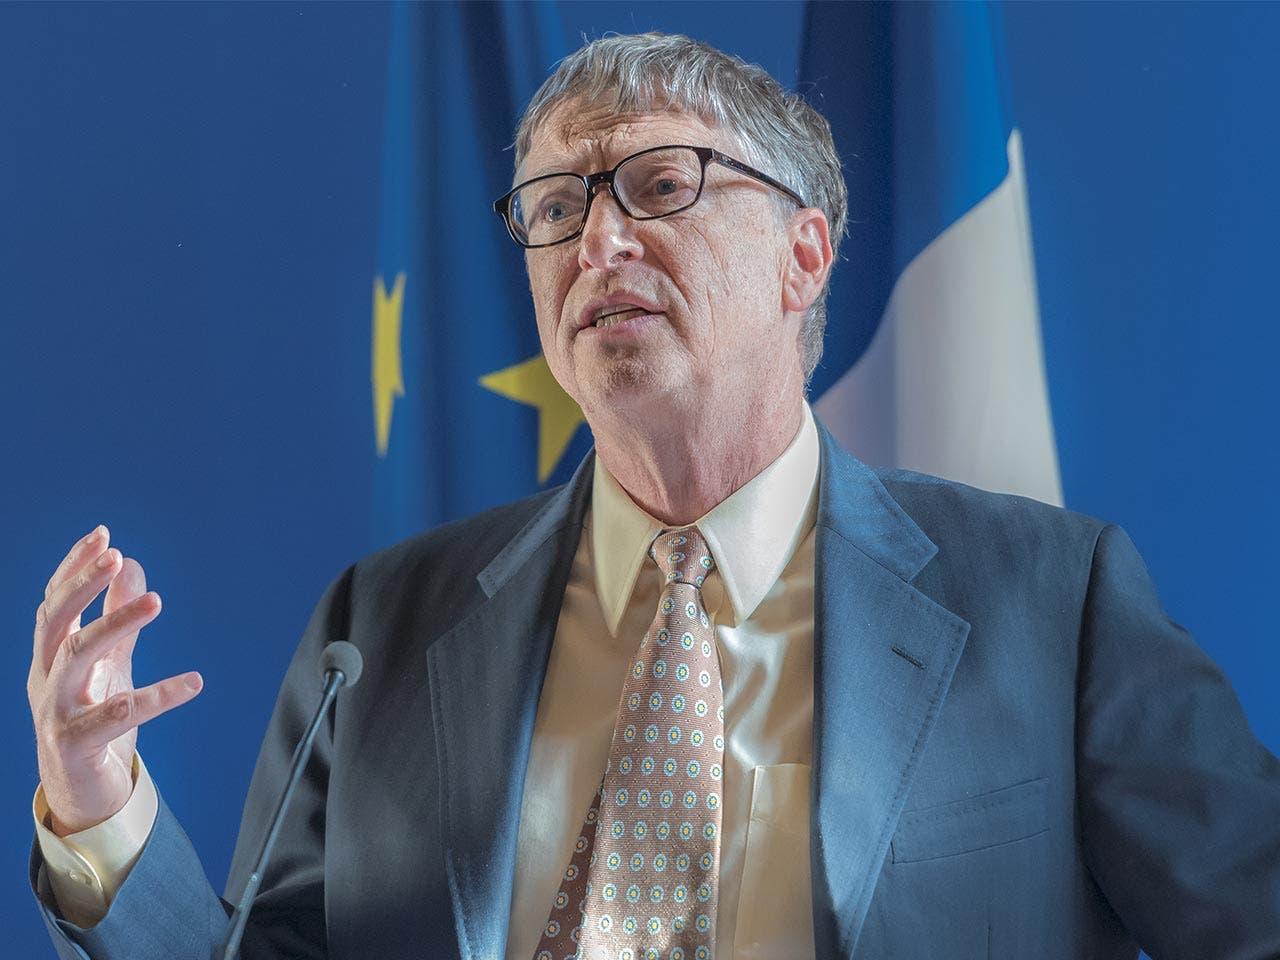 Bill Gates | Frederic Legrand - COMEO/Shutterstock.com